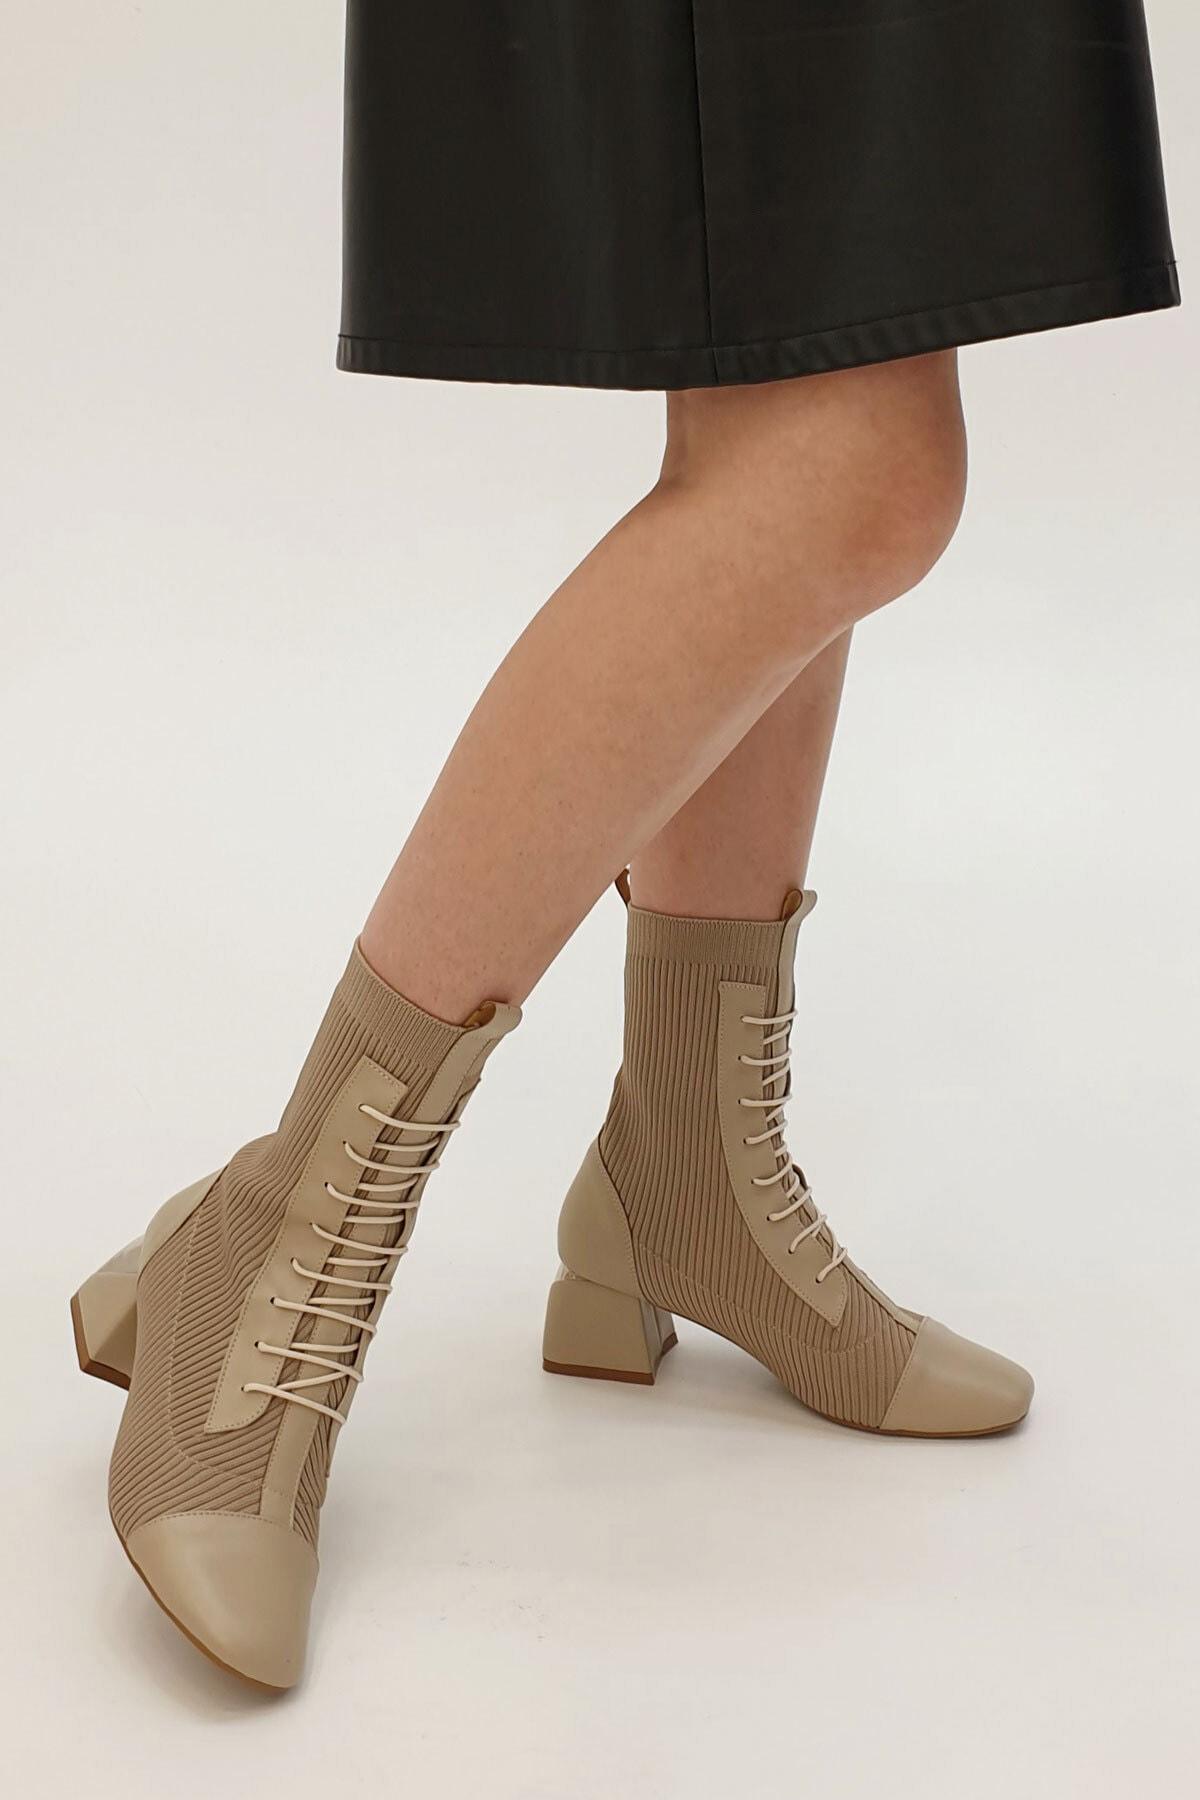 Marjin Larin Kadın Çorap Topuklu Botvizon 2